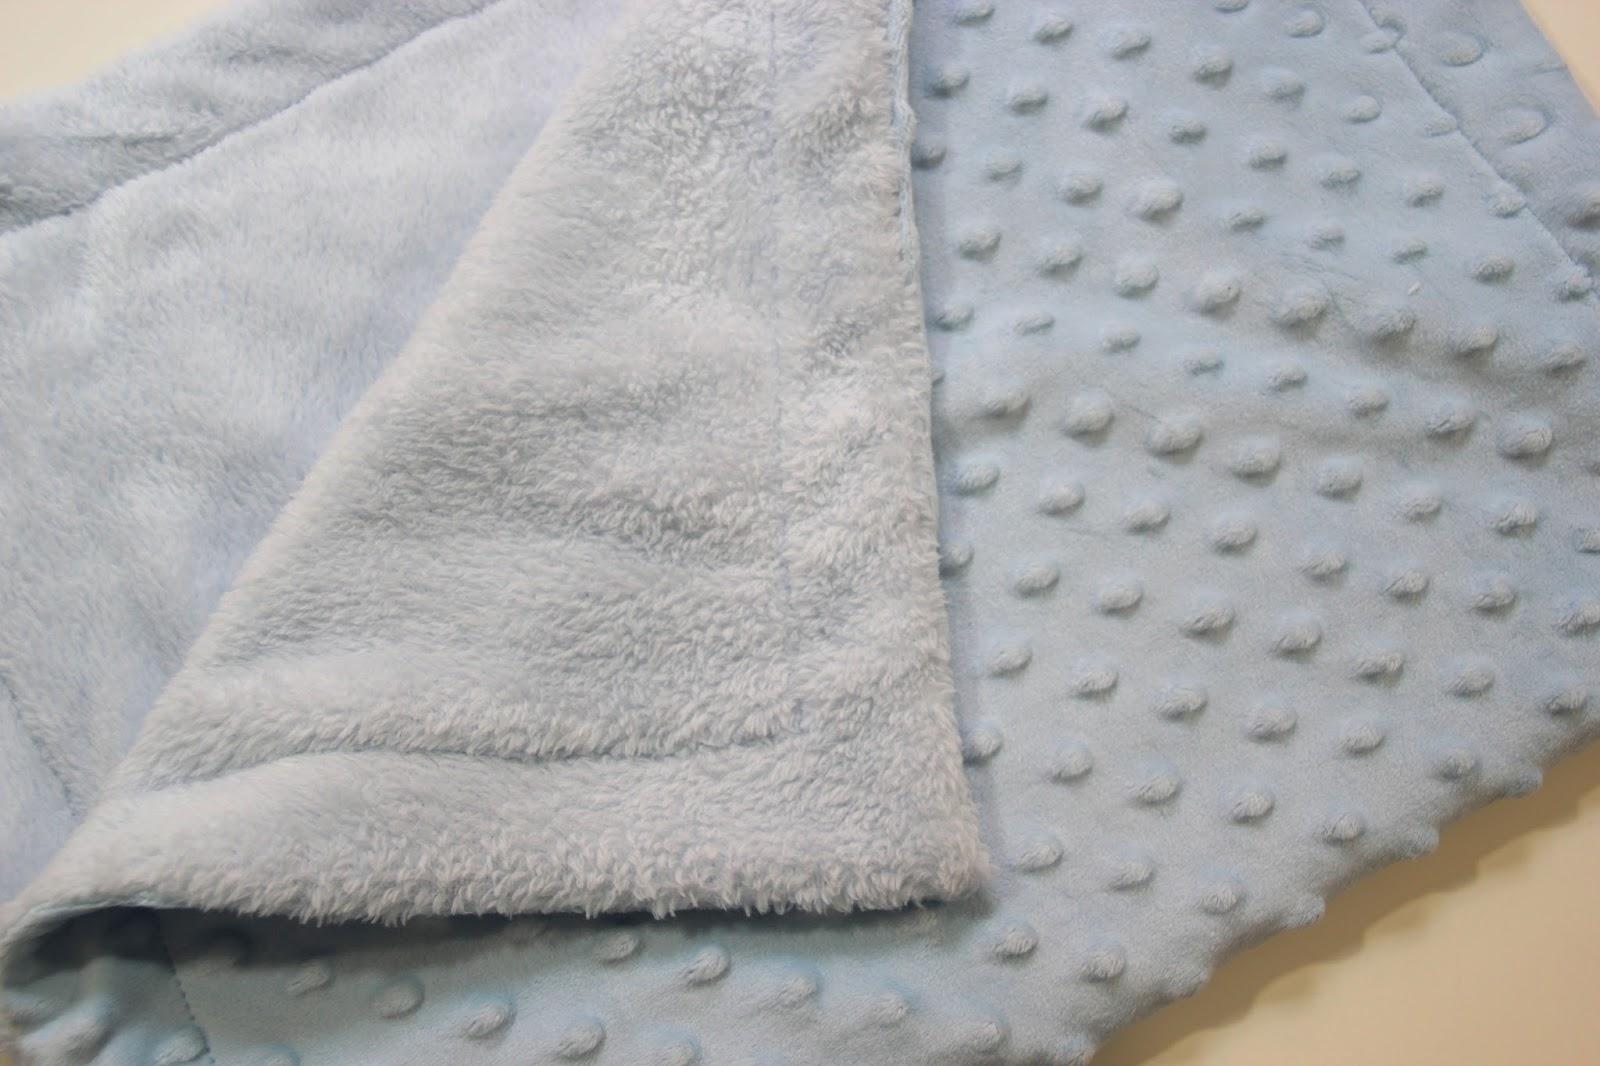 Diy canastilla bebe tutorial de mantas para cuna minicuna y capazo d oh mother mine diy - Cuna de mimbre para bebe ...